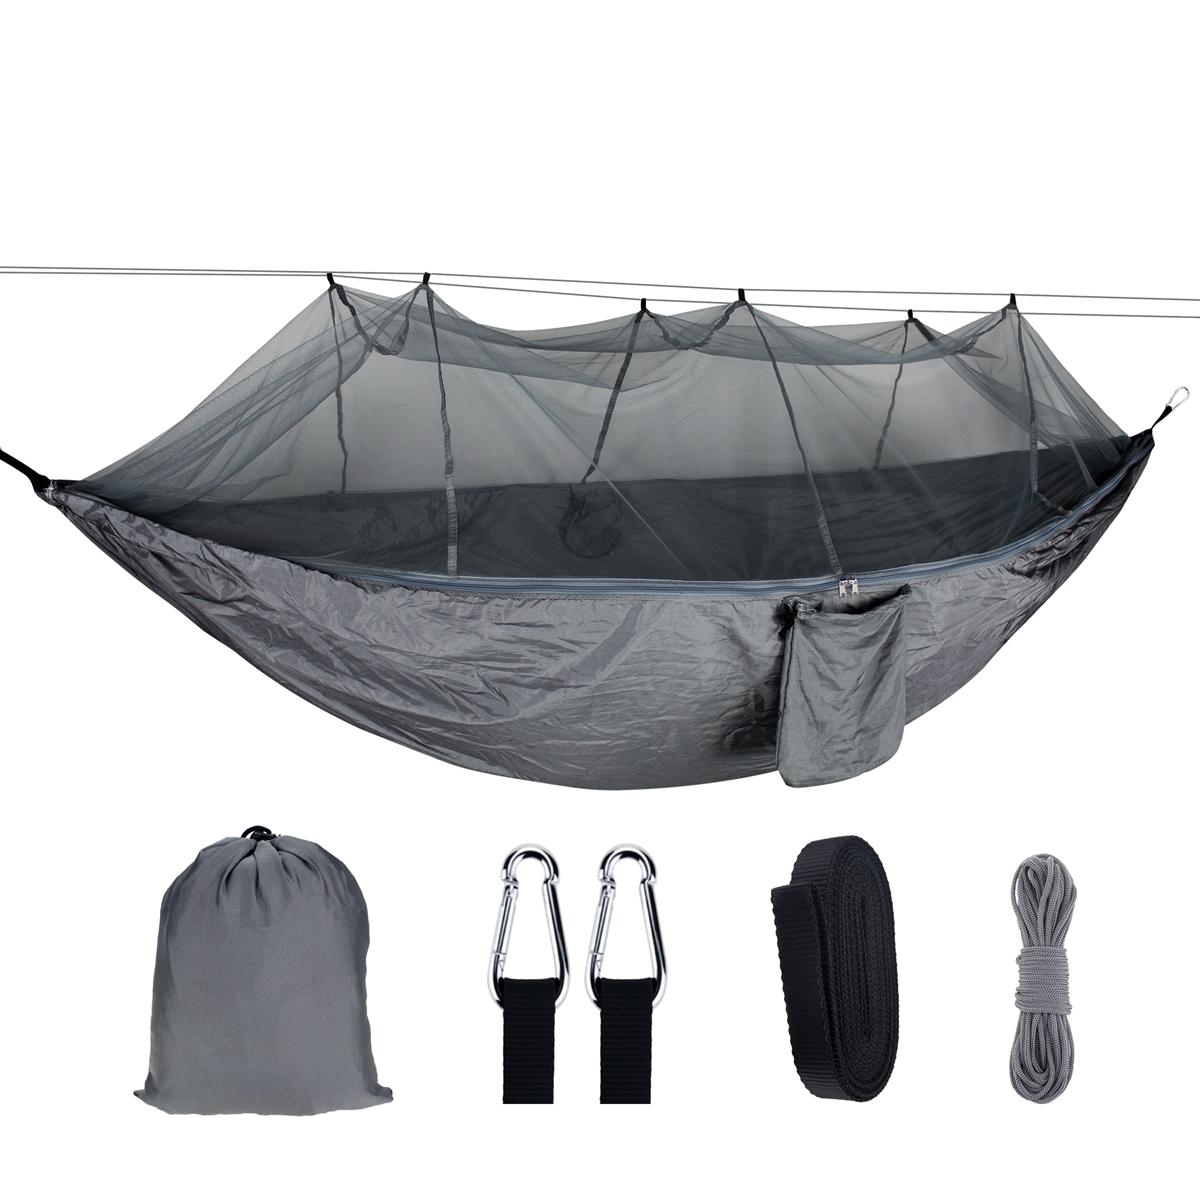 Человек Переносной На открытом воздухе Кемпинг Гамак с москитной сеткой Высокопрочная парашютная ткань Подвесная кровать Охота Спальн